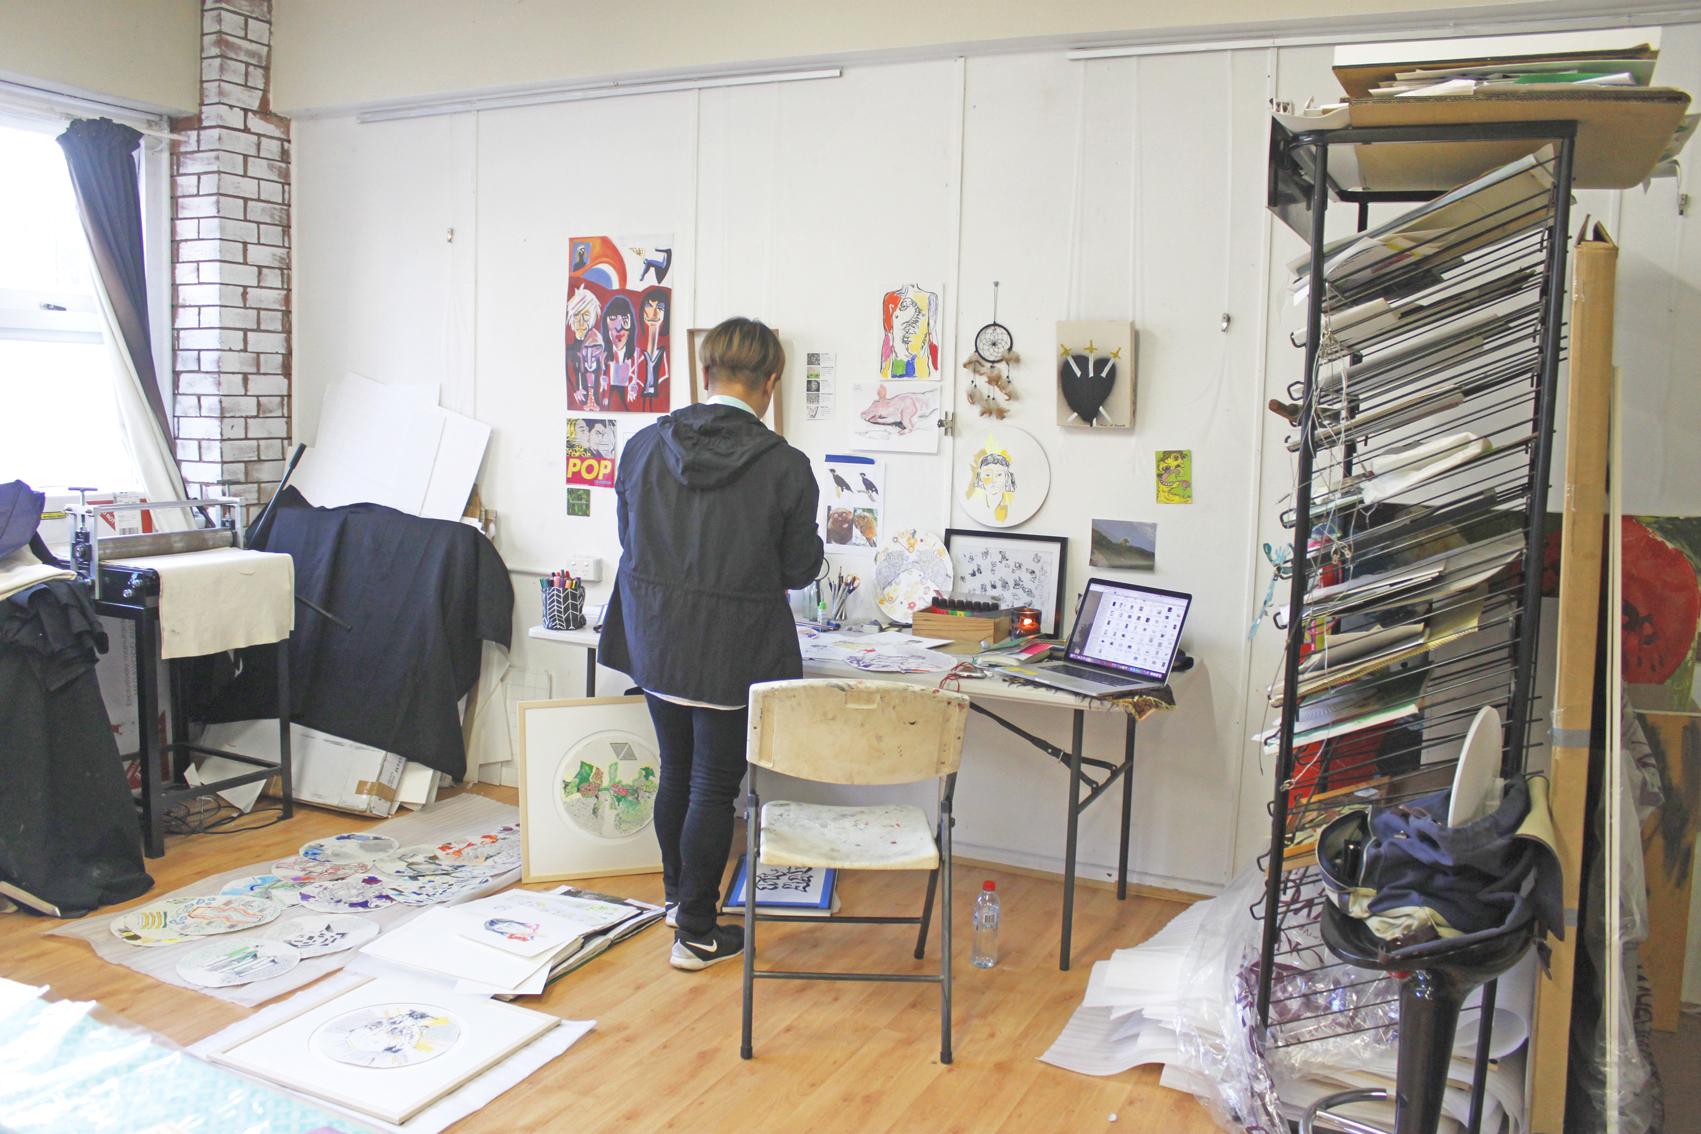 Kieth Yap's studio space in The Basement Studio in Dubbo, NSW.